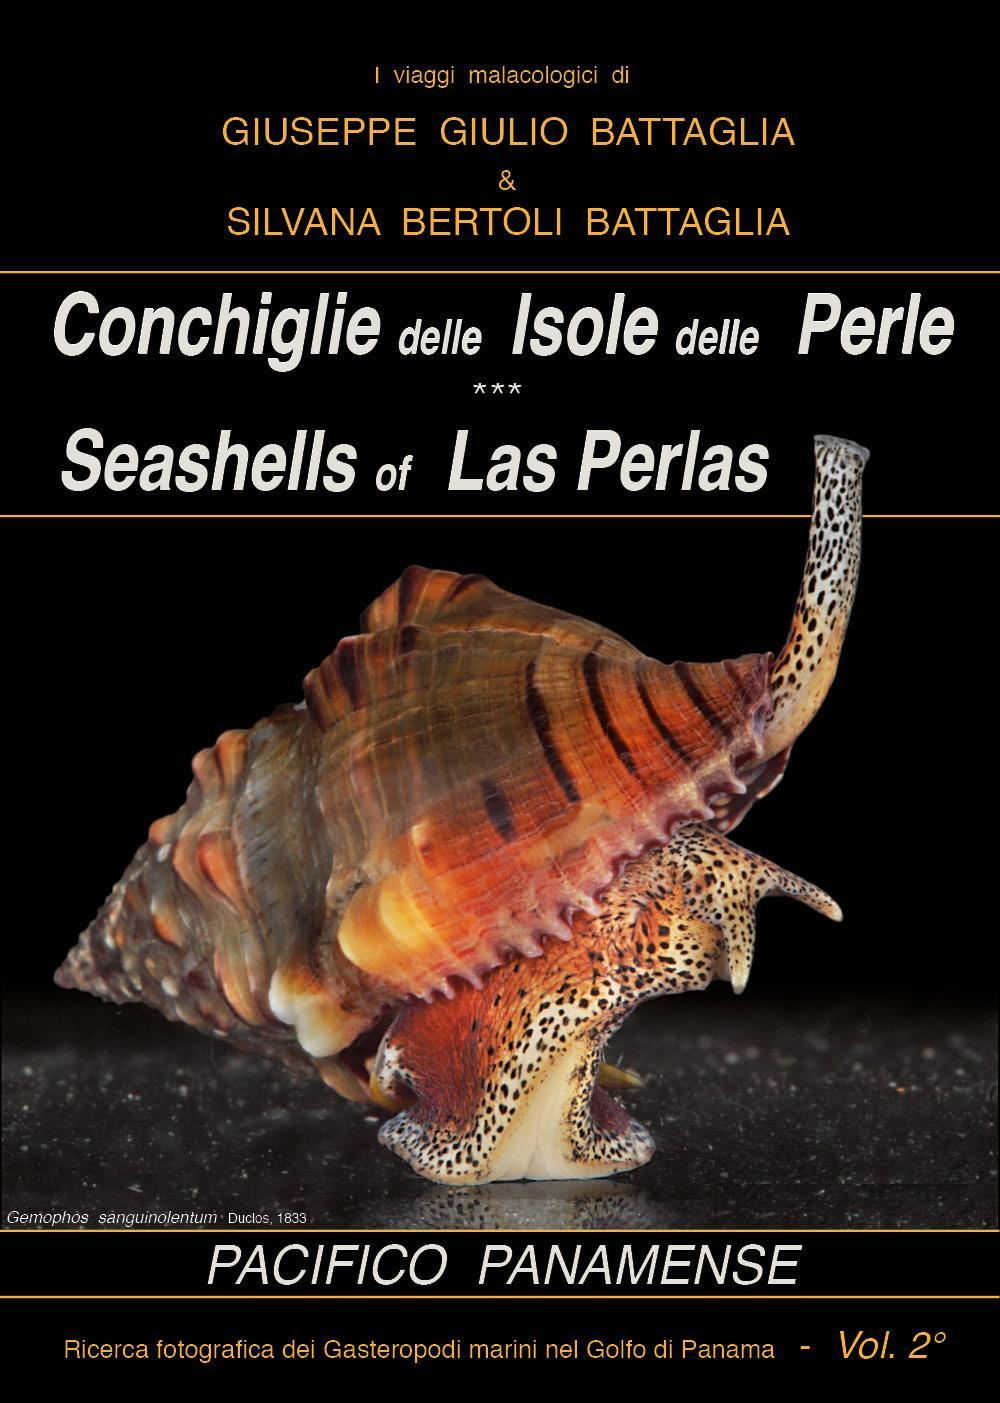 Conchiglie delle Isole delle Perle - Seashells of Las Perlas